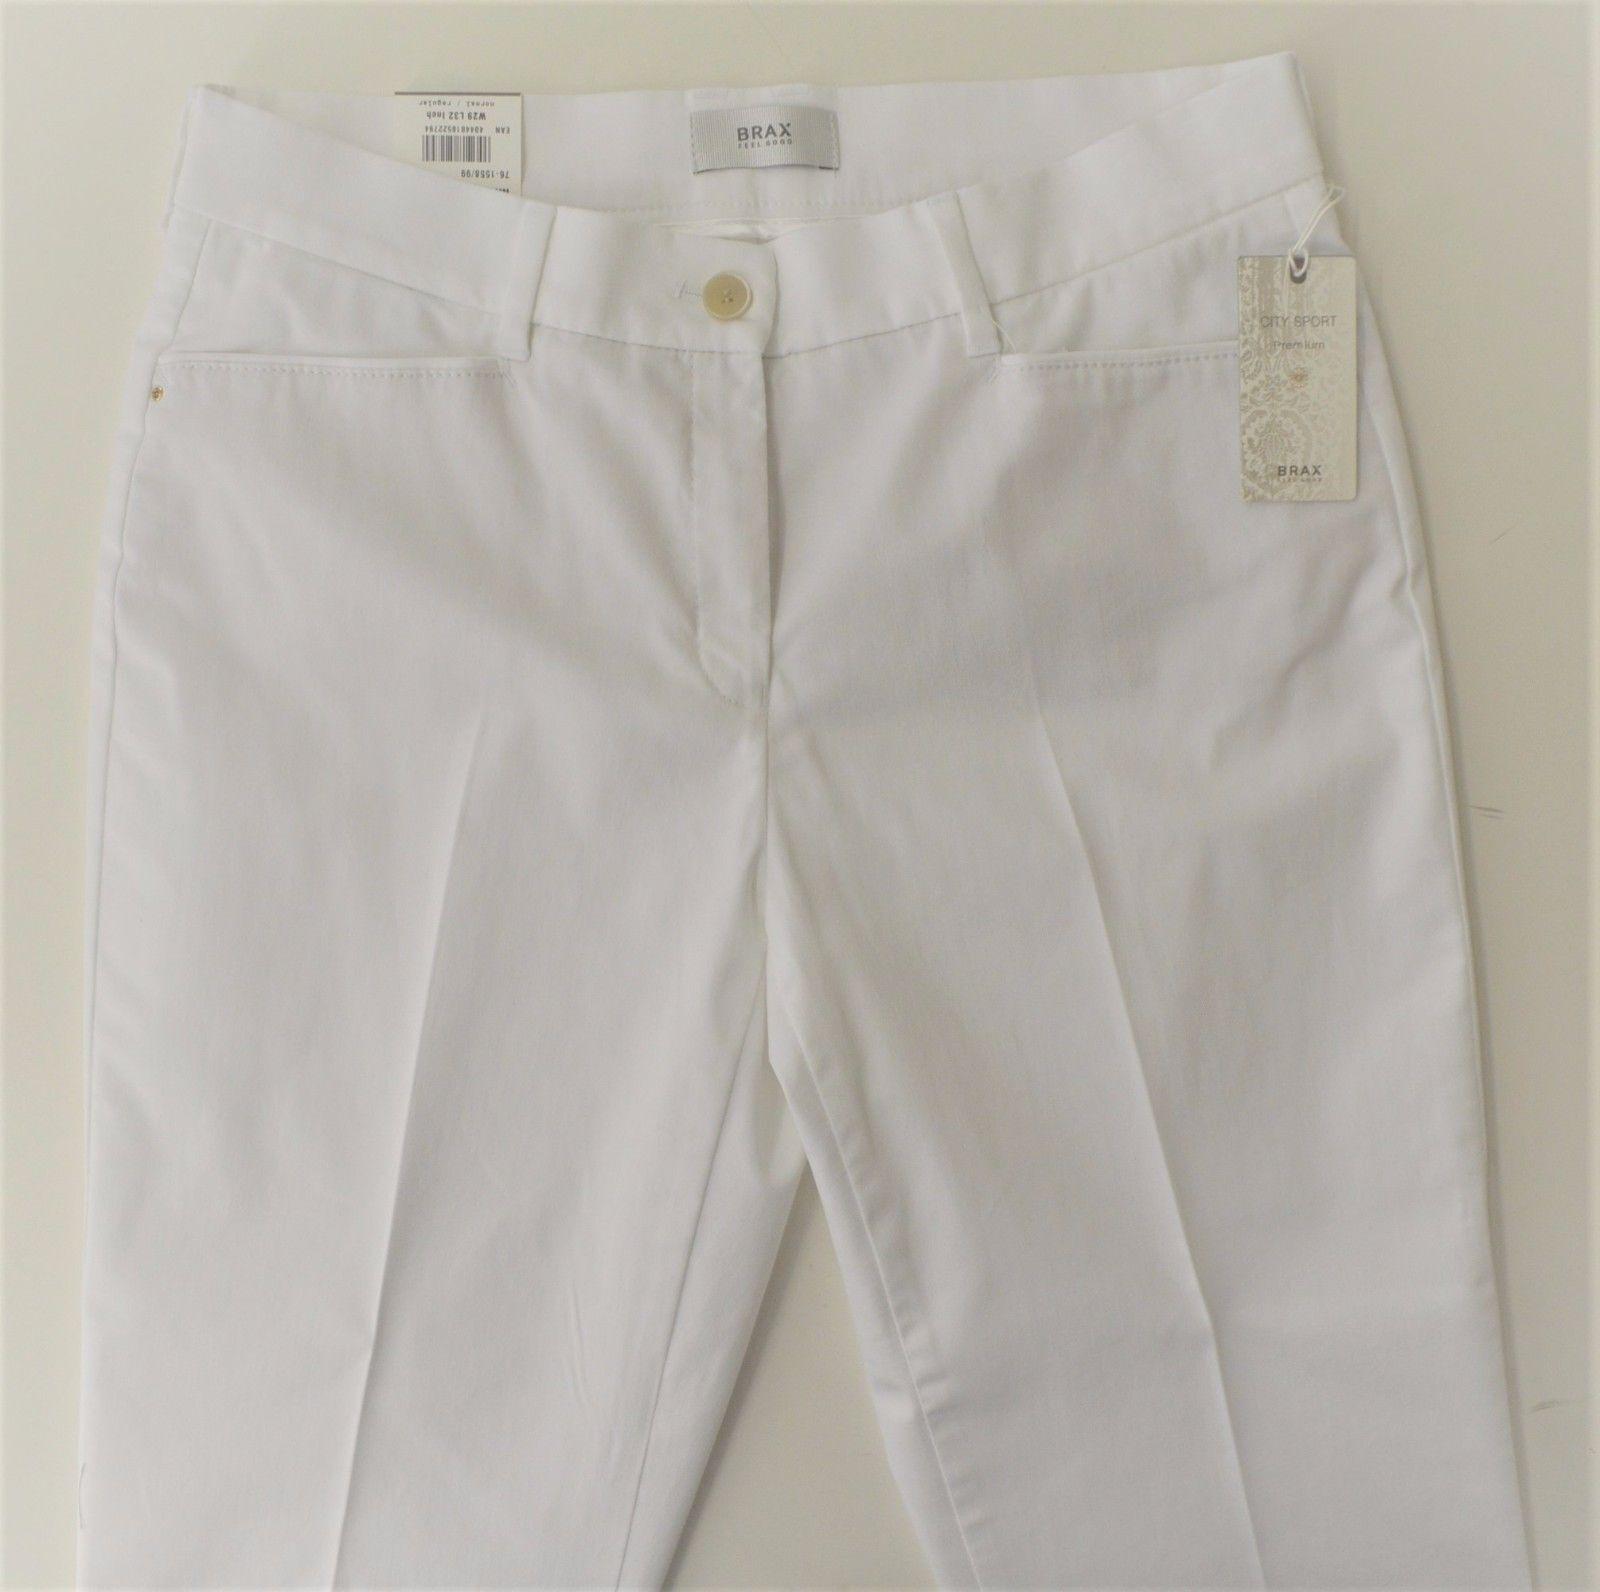 BRAX Mara Sun, modische 7 8 Hose in white, Slim Fit, Stretch, Größe wählbar